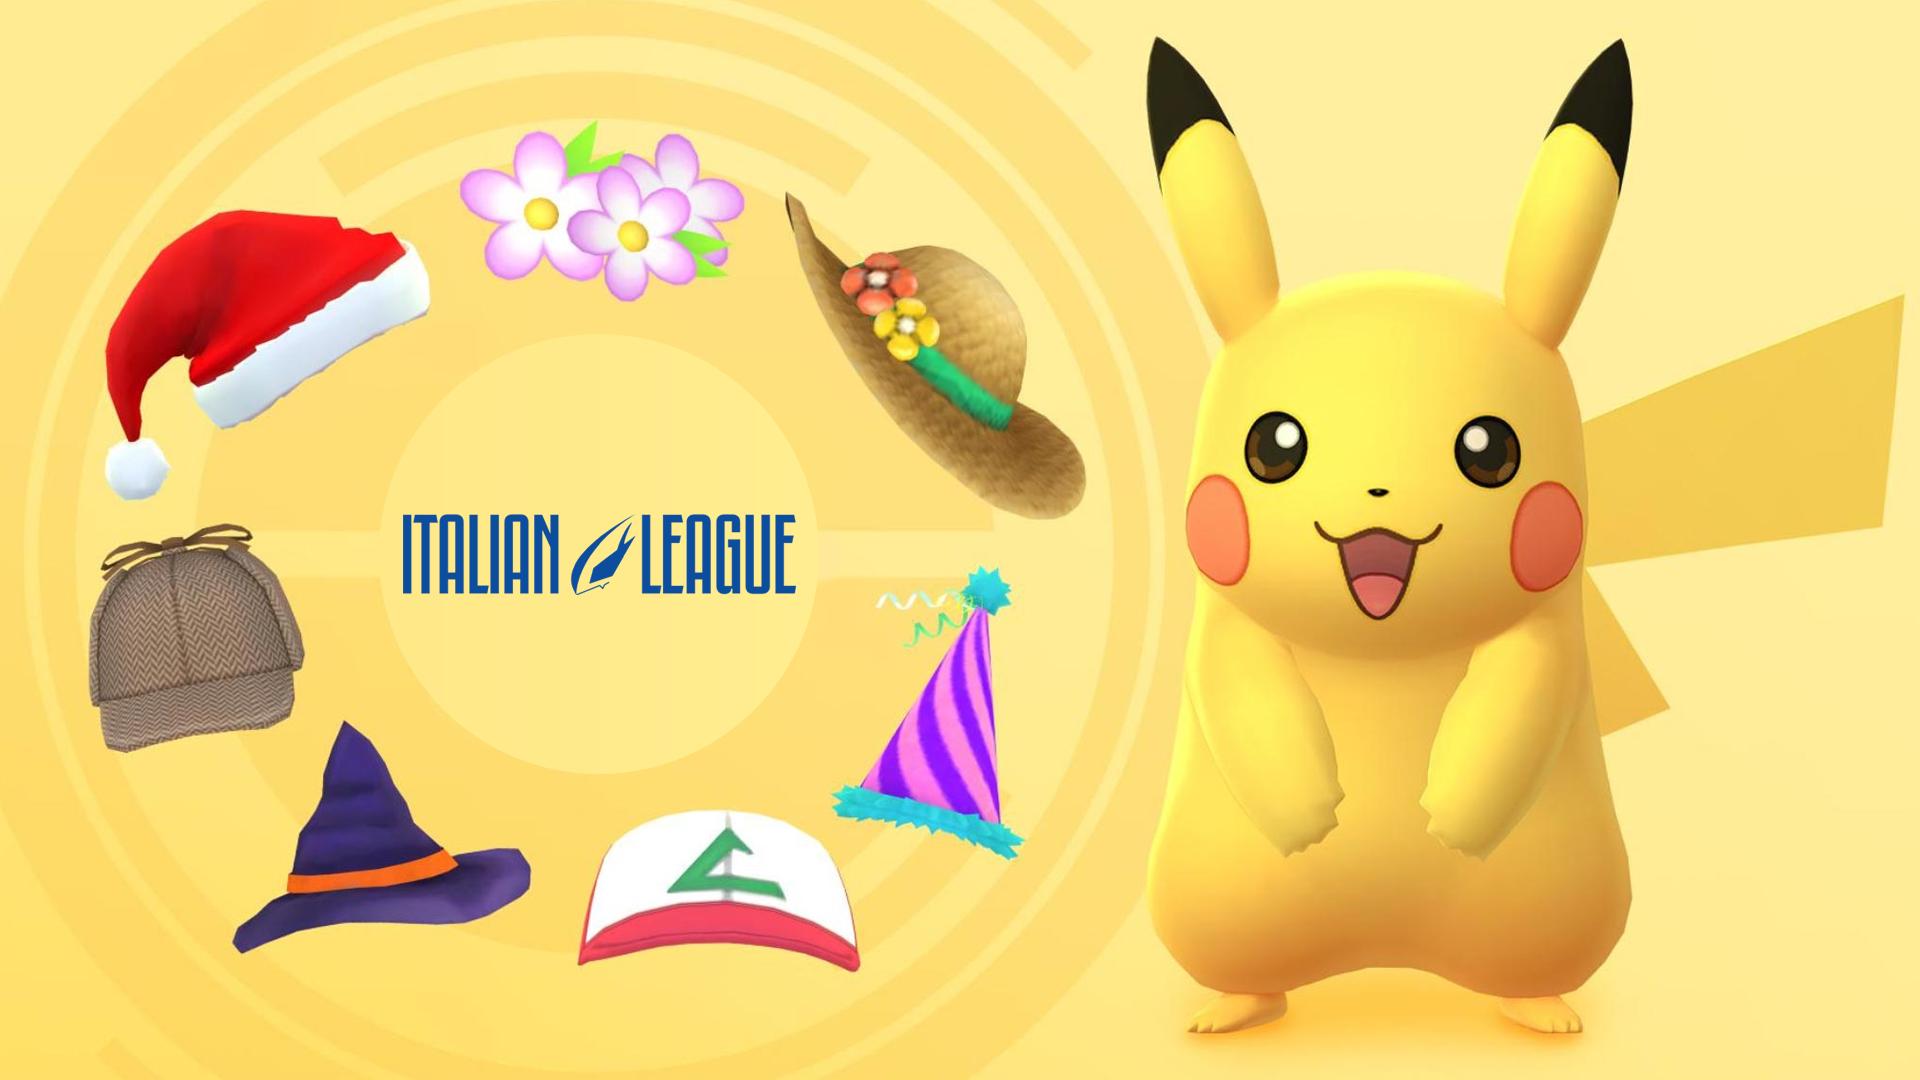 varietà di stili del 2019 vero affare il più grande sconto Pikachu ritorna in grande stile! - Italian League